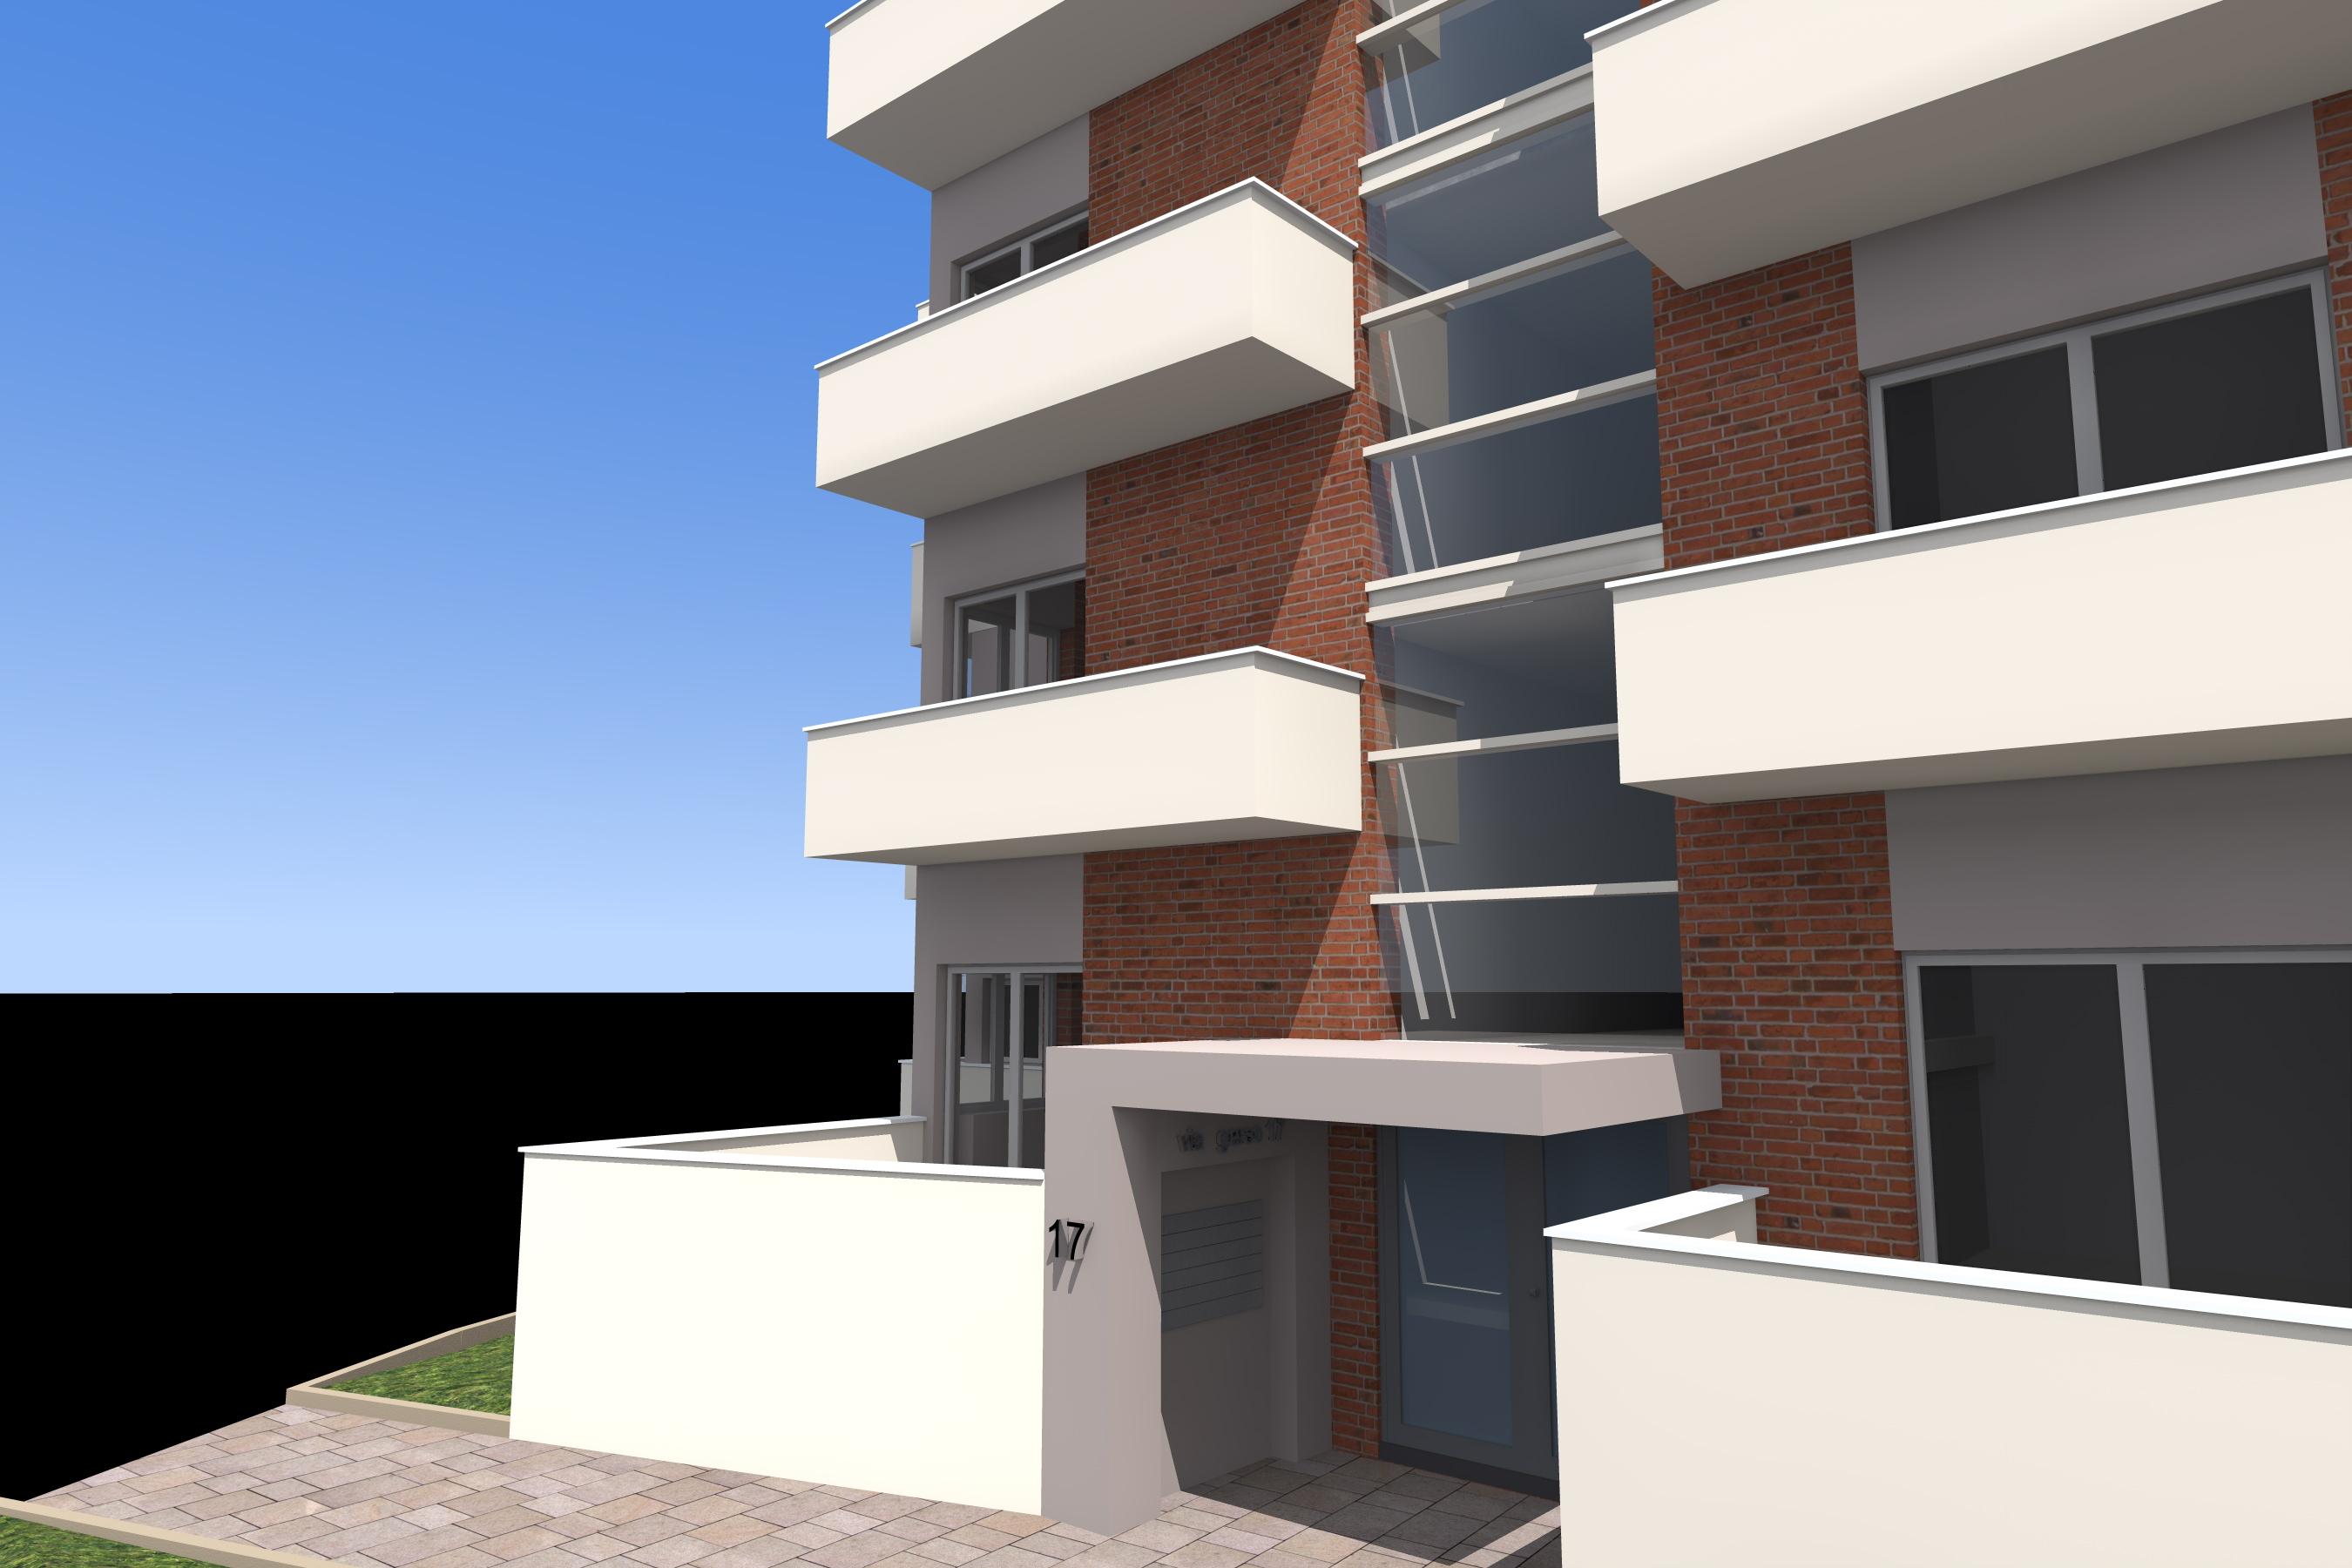 Condominio, Lugano, ristrutturazione, opere pubbliche, appalti, architetto, Geometra, chiavi in mano Emmedue srl Ast